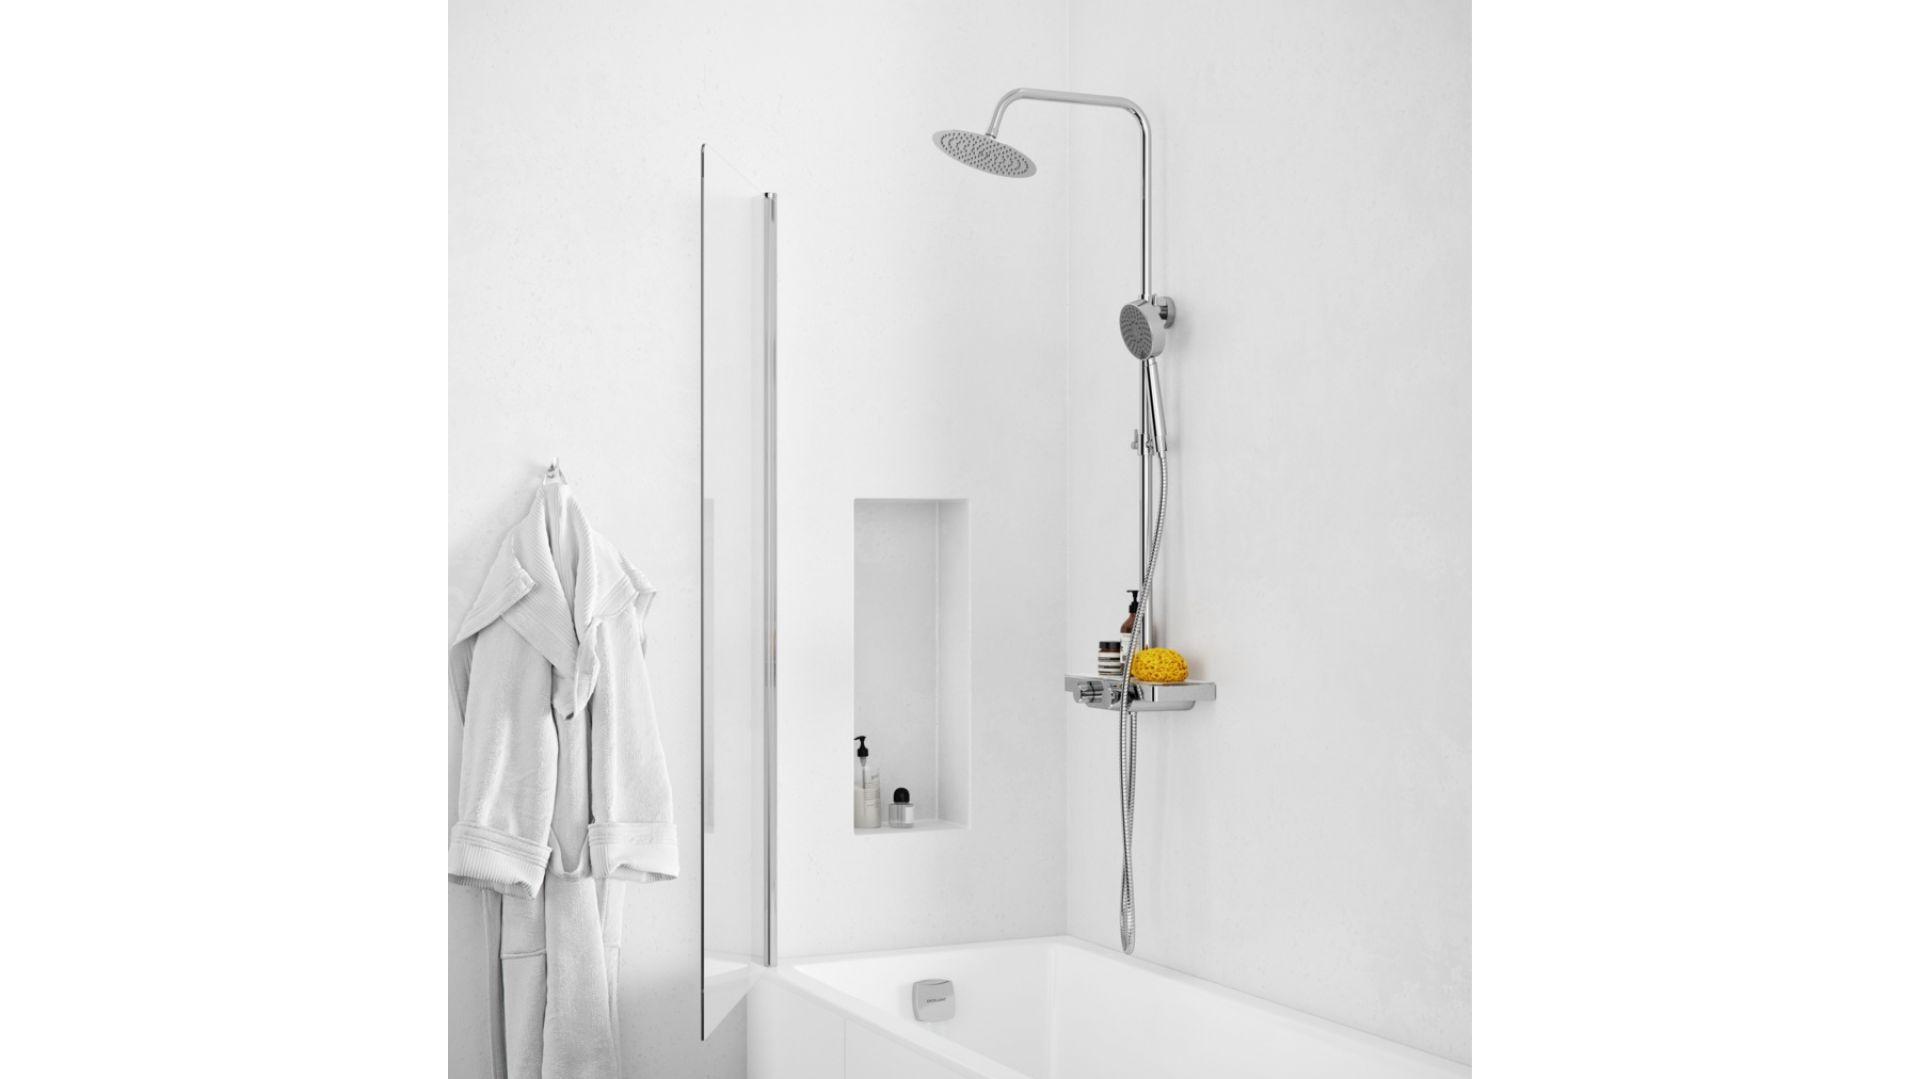 Zestaw prysznicowy Rain Glacier/Excellent. Produkt zgłoszony do konkursu Dobry Design 2019.